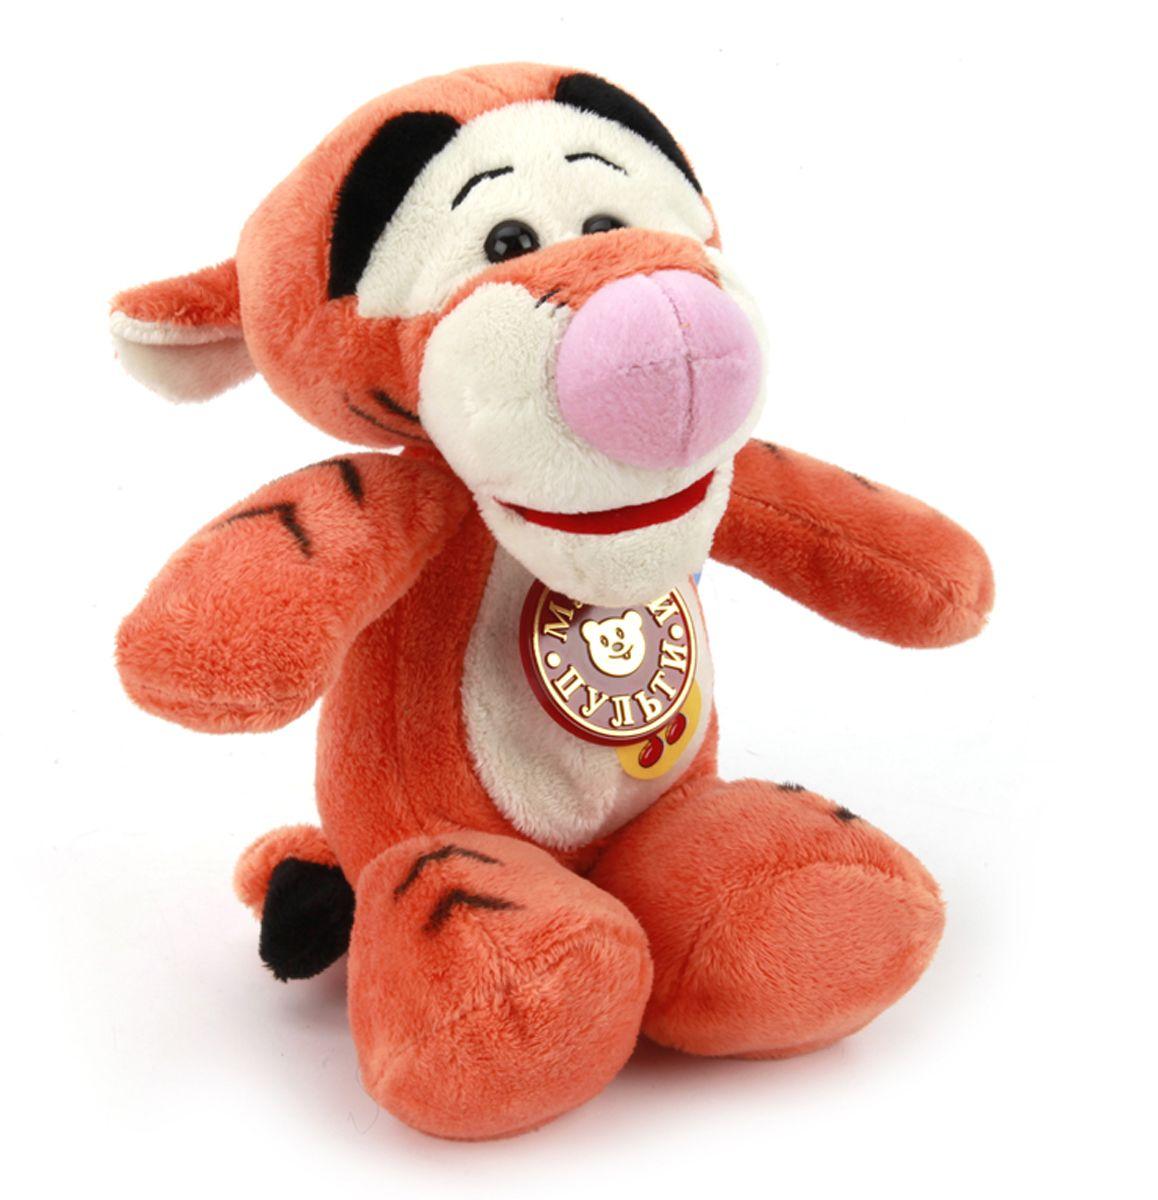 Мульти-Пульти Мягкая игрушка Тигруля 16 смST0034Мягкая игрушка сама по себе ассоциируется с радостью и весельем, конечно, и для наших детей такой подарок станет поистине незабываемым. Забавные, добрые мягкие игрушки радуют детей с самого рождения. Ведь уже в первые месяцы жизни ребенок проявляет интерес к плюшевым зверятам и необычным персонажам. Сначала они помогают ему познавать окружающий мир через тактильные ощущения, знакомят его с животным миром нашей планеты, формируют цветовосприятие и способствуют концентрации внимания.